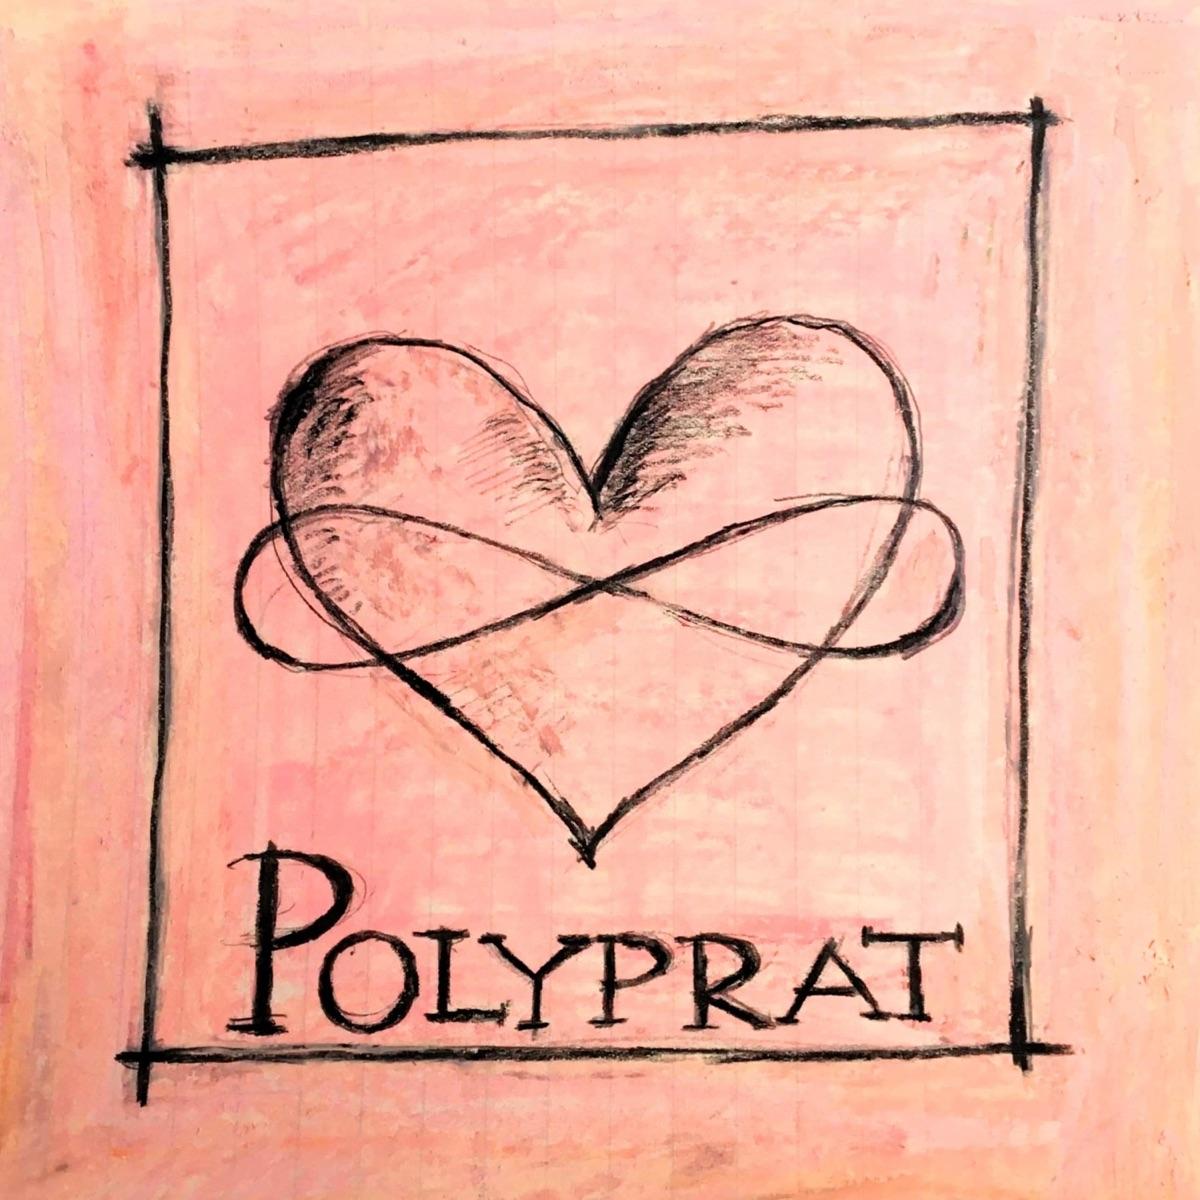 Polyprat: om kärlek, känslor och kyssar.